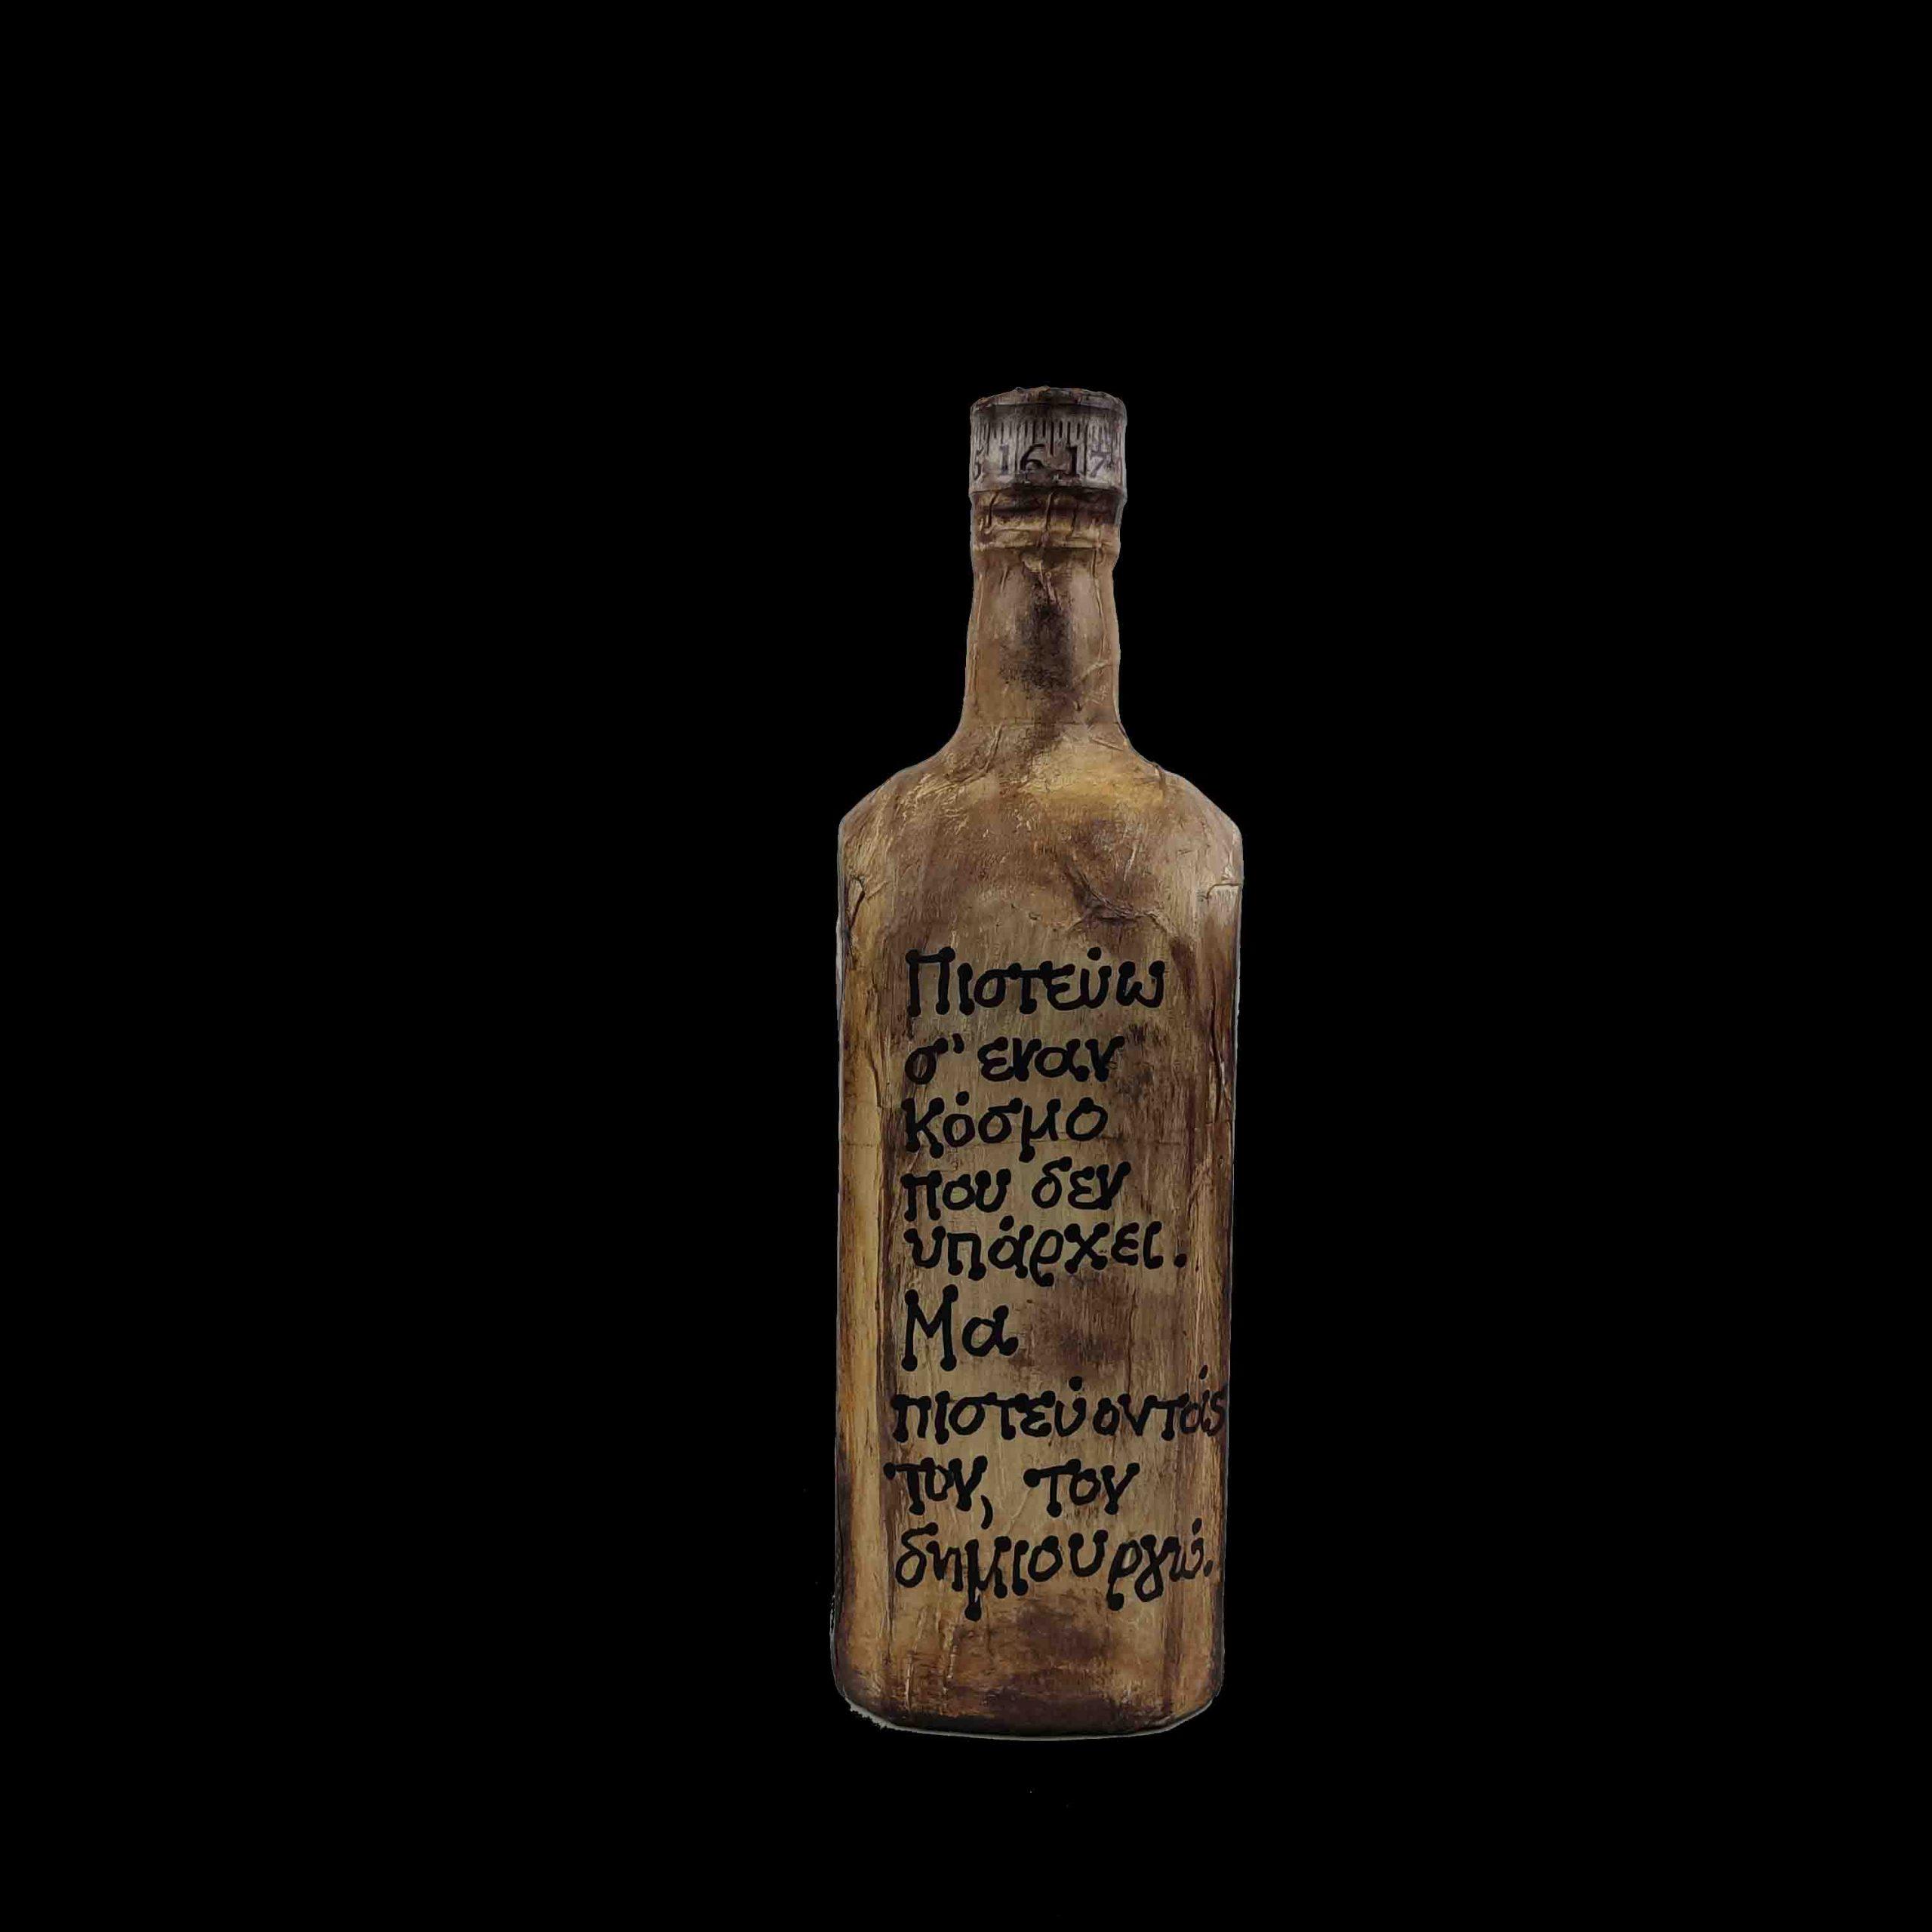 Μπουκάλι, ανακύκλωση – upcycled bottle, mixed media